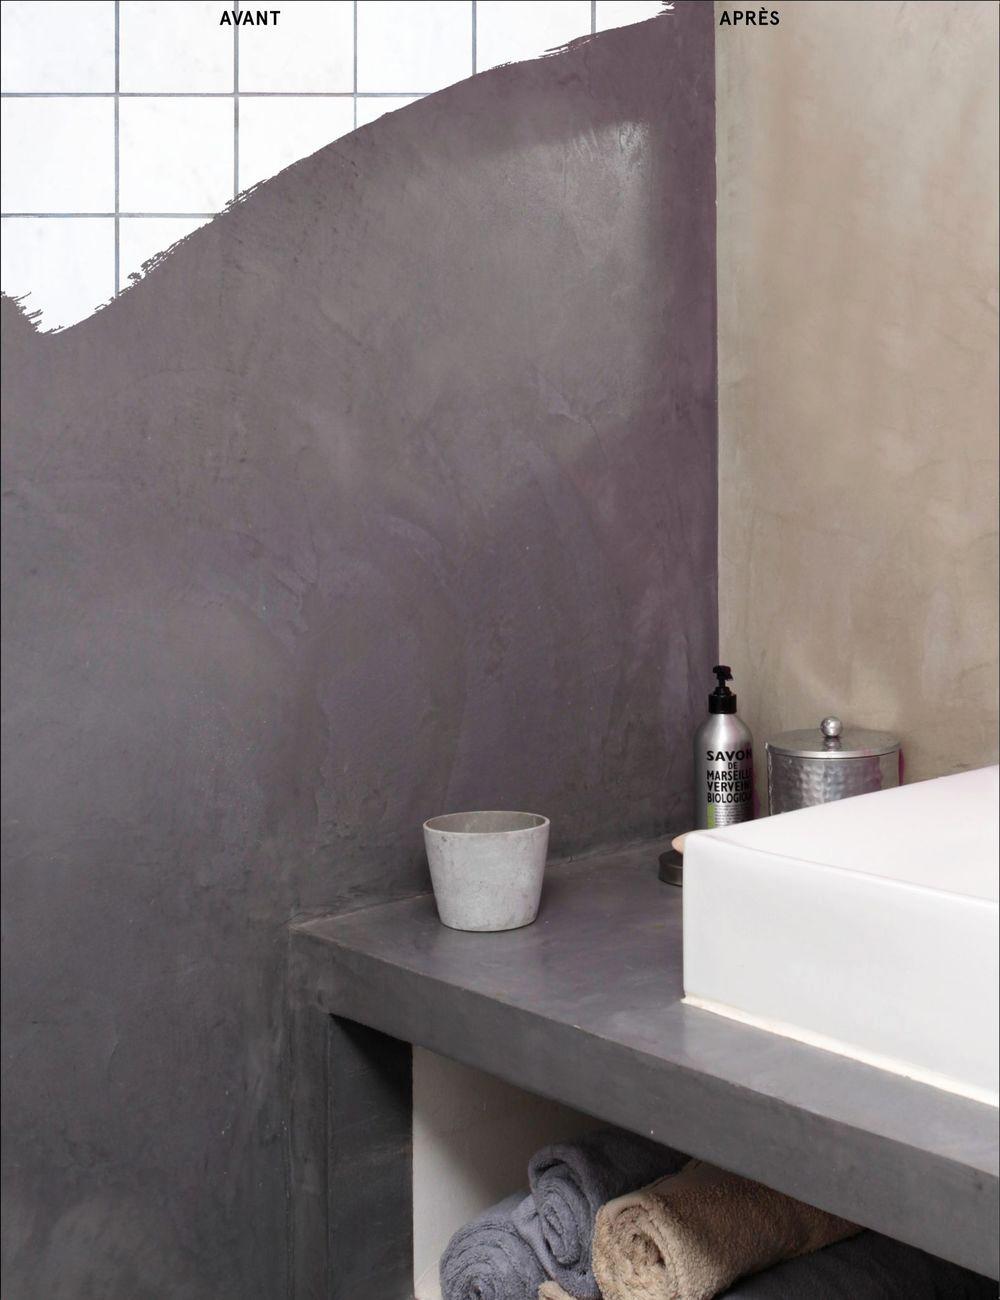 Peinture Carrelage Salle De Bain Castorama Luxe Collection Peinture Pour Faience Salle De Bain Meilleur De Castorama Colle